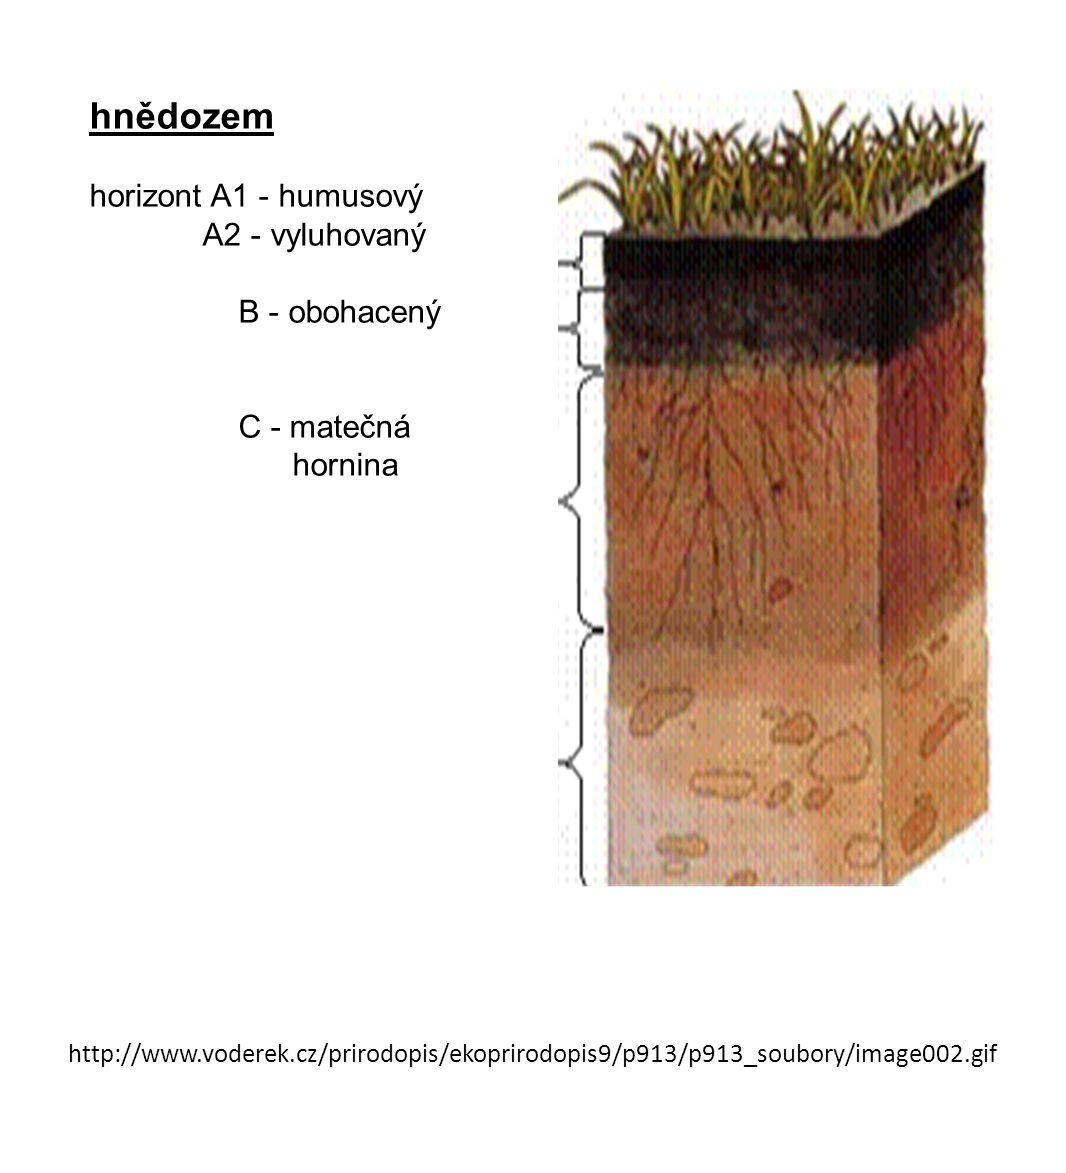 http://www.voderek.cz/prirodopis/ekoprirodopis9/p913/p913_soubory/image002.gif hnědozem horizont A1 - humusový A2 - vyluhovaný B - obohacený C - mateč